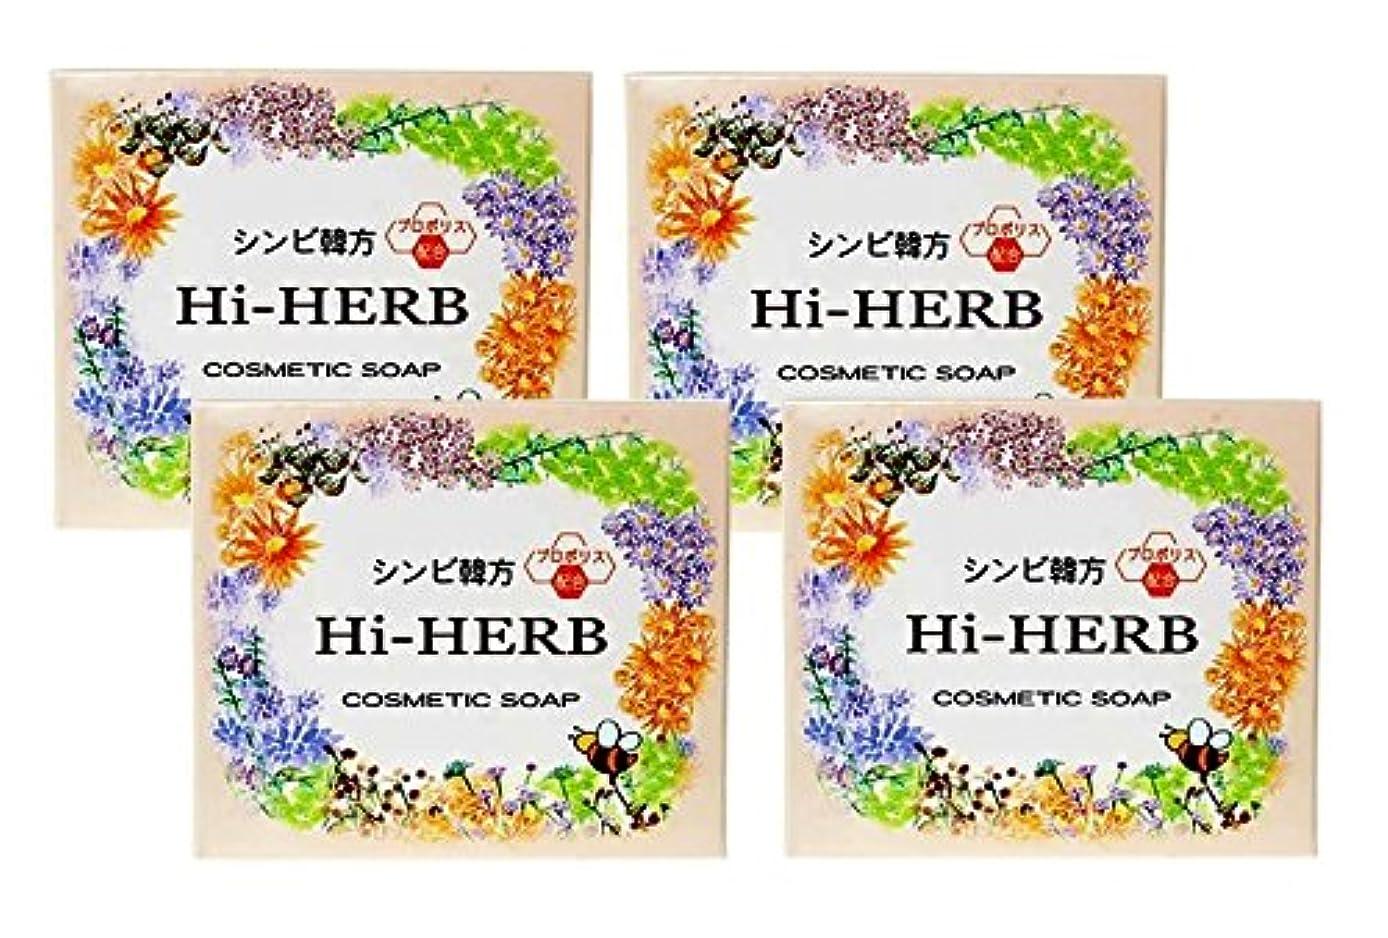 よろしく追い越す民間人【シンビ】韓方ハイハーブ石鹸 100g×4個セット